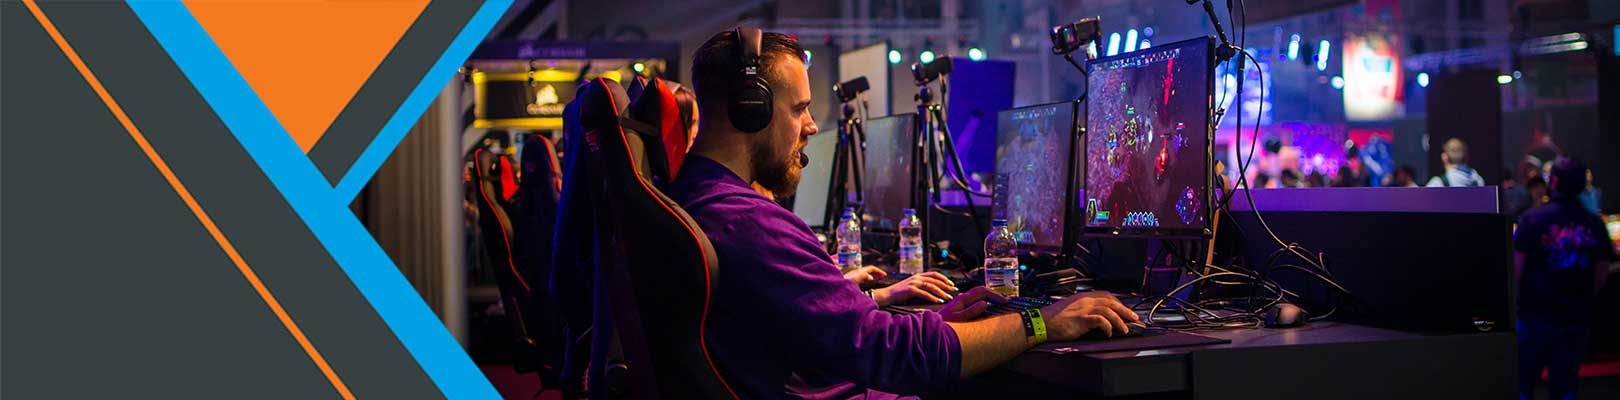 gaming-pc Gaming pc